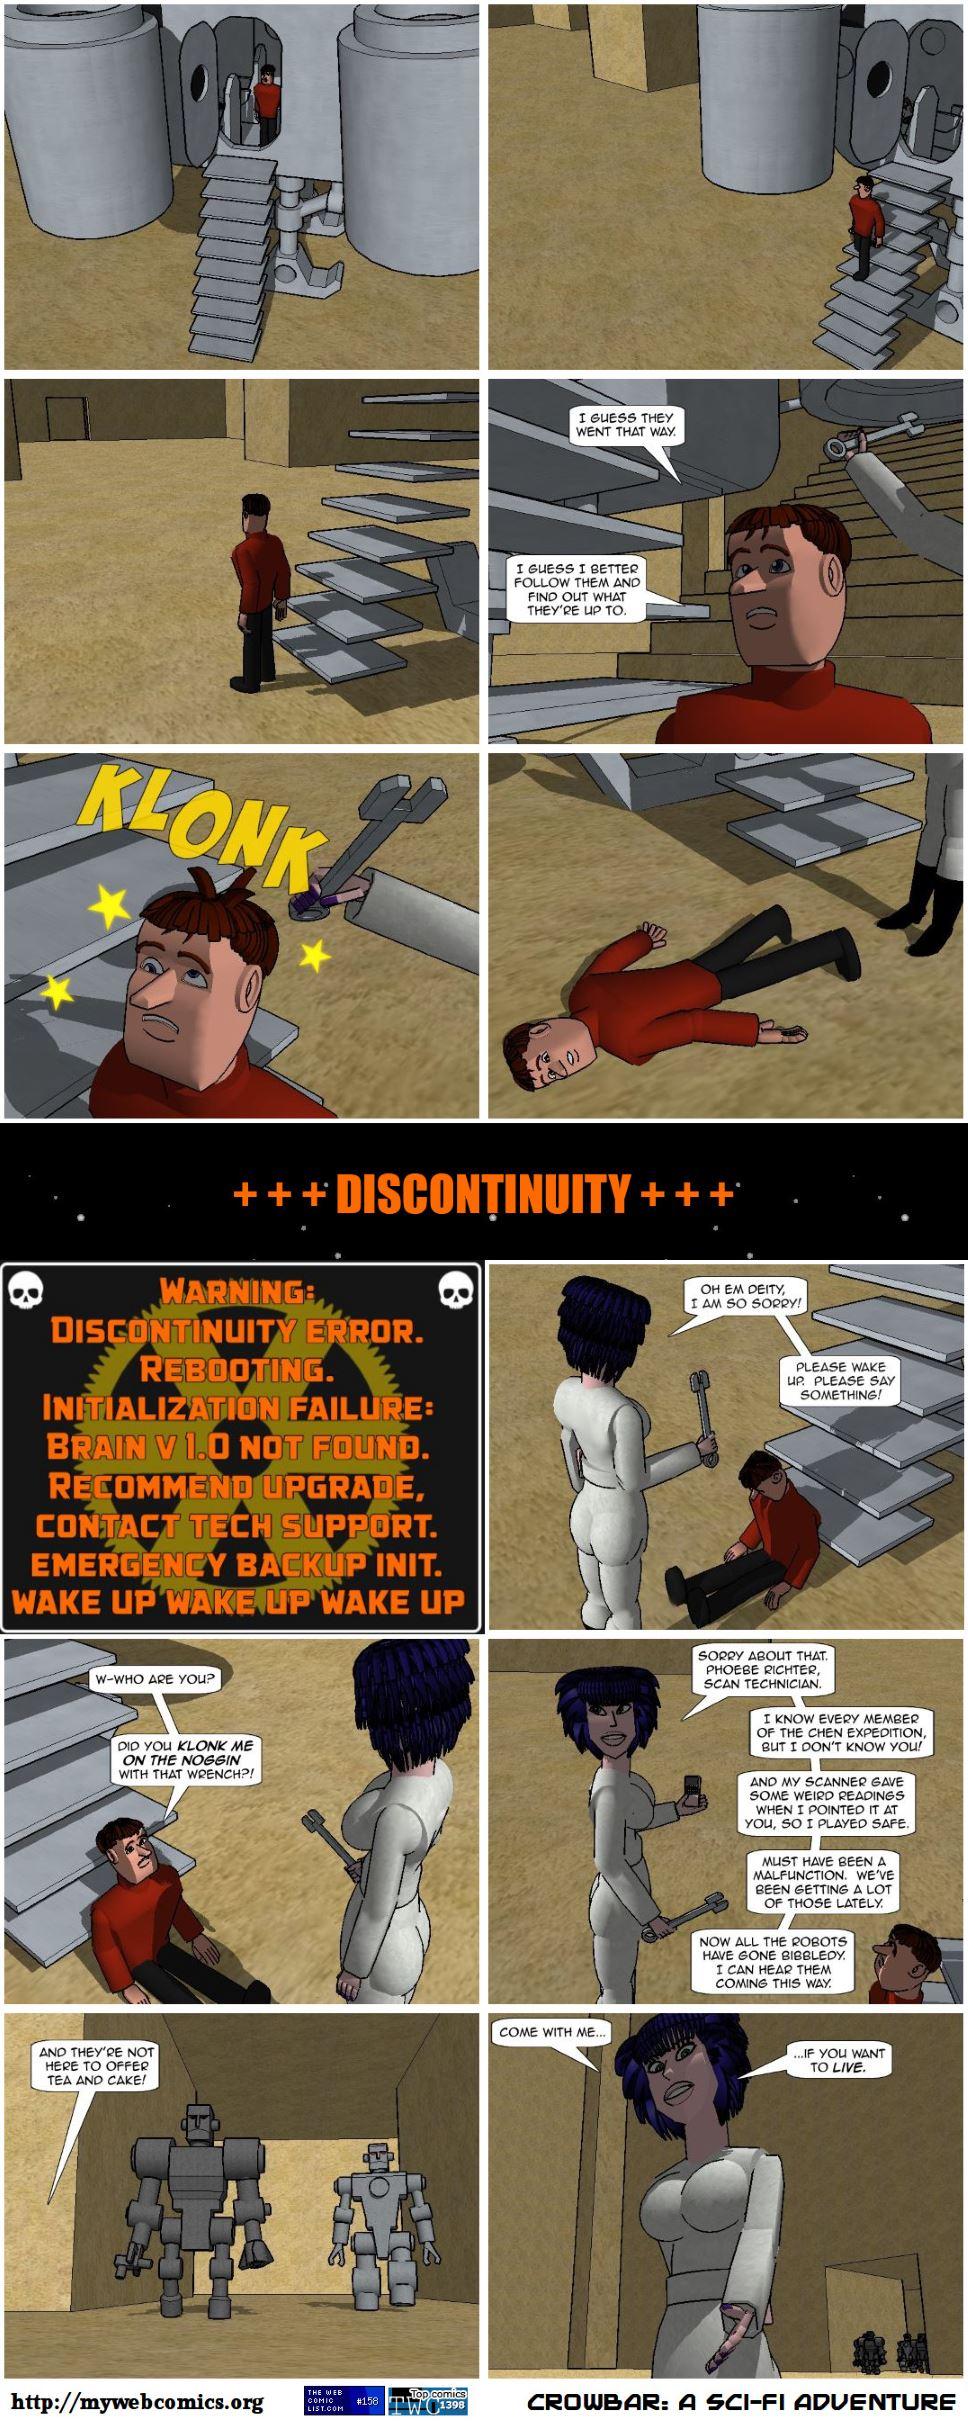 Discontinuity error.